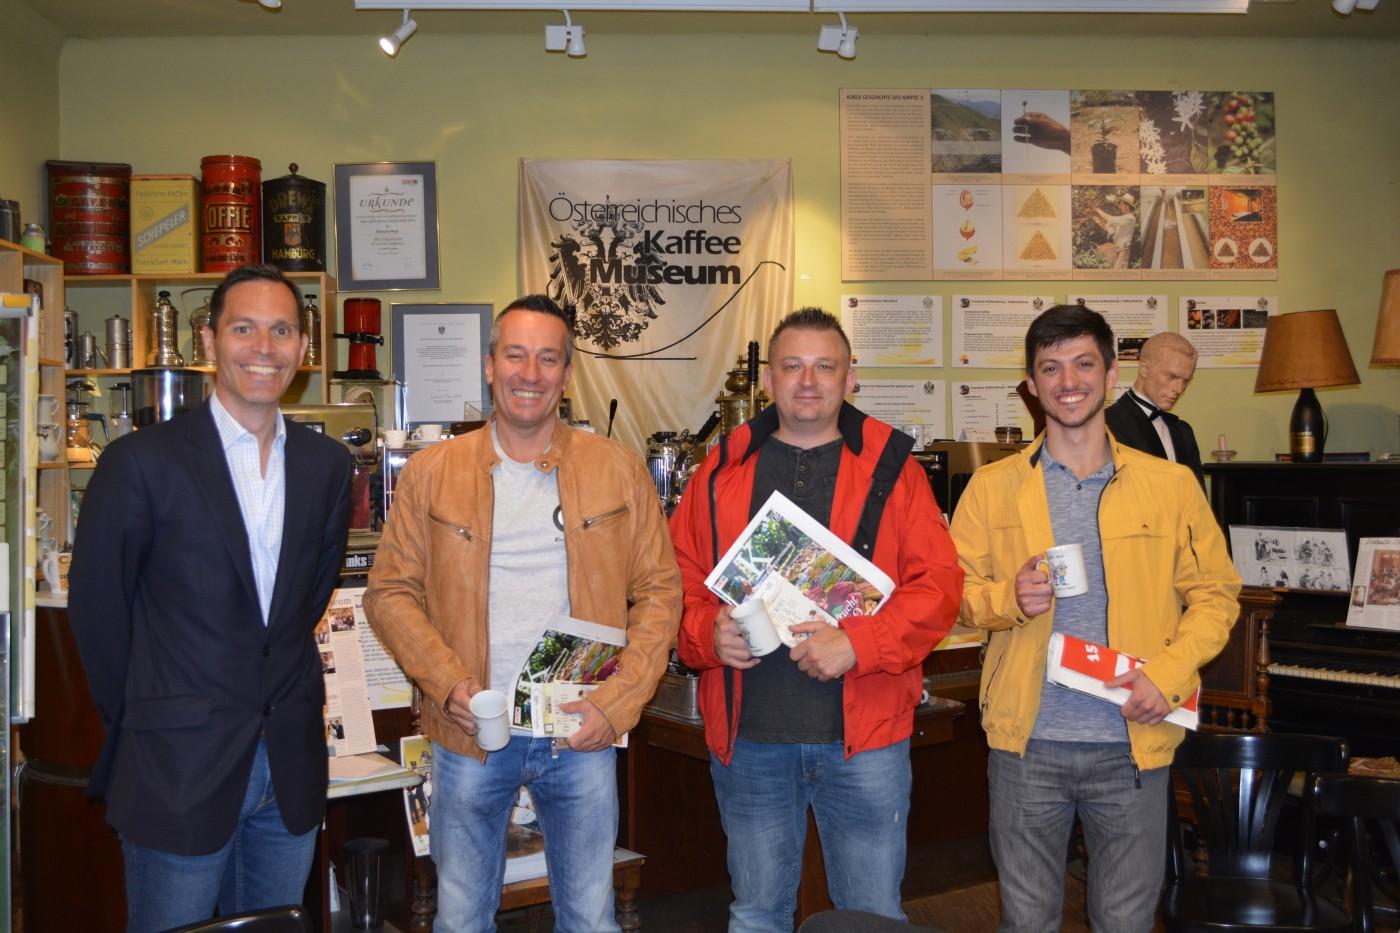 Mag. Karl Schilling vom Kaffeemuseum Wien mit den Teilnehmern